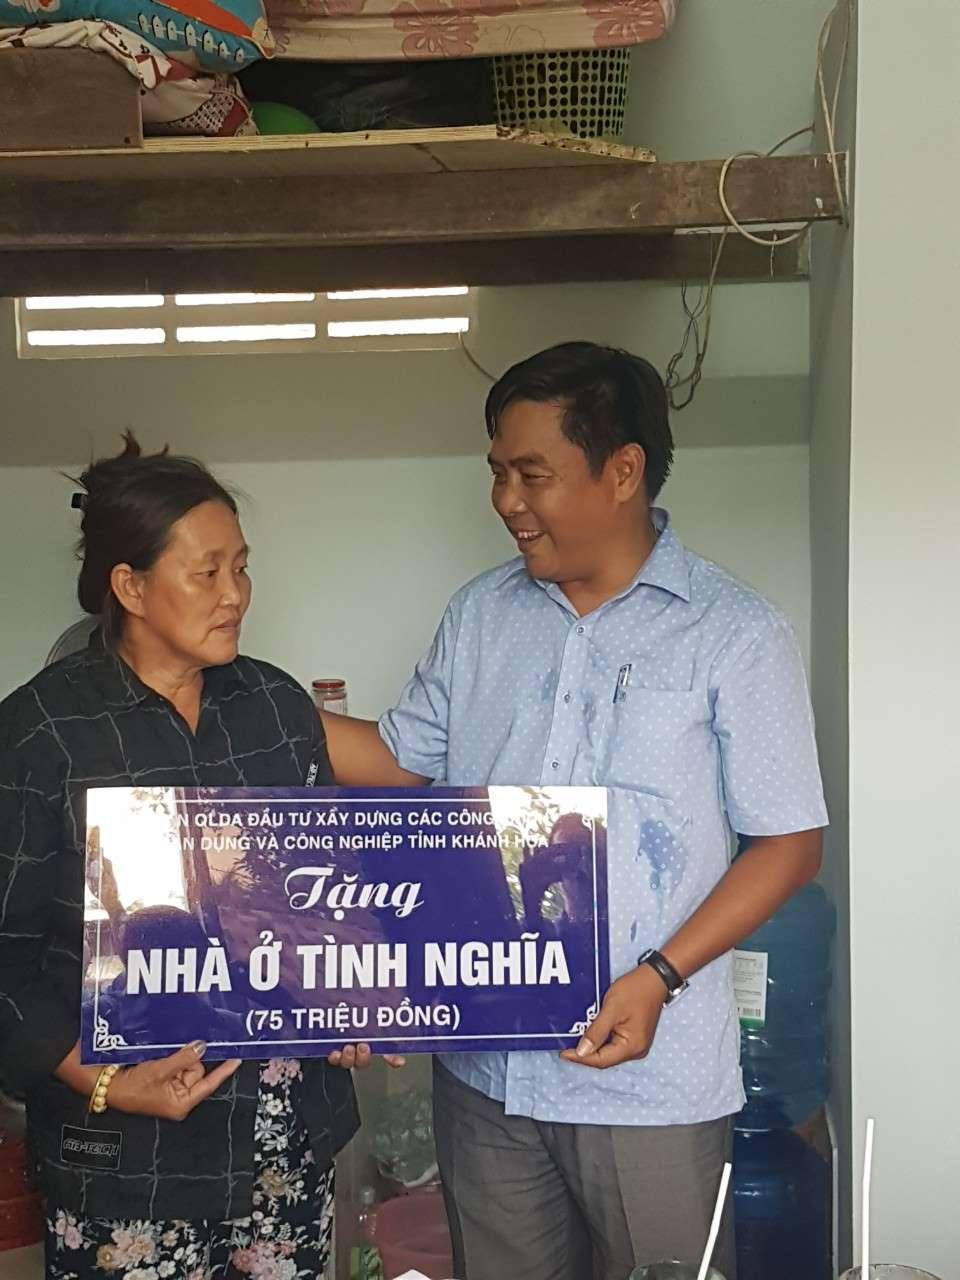 """2 2 - Bàn giao CTTN """"Xây dựng Nhà tình nghĩa""""  tại xã Vĩnh Hiệp, thành phố Nha Trang"""